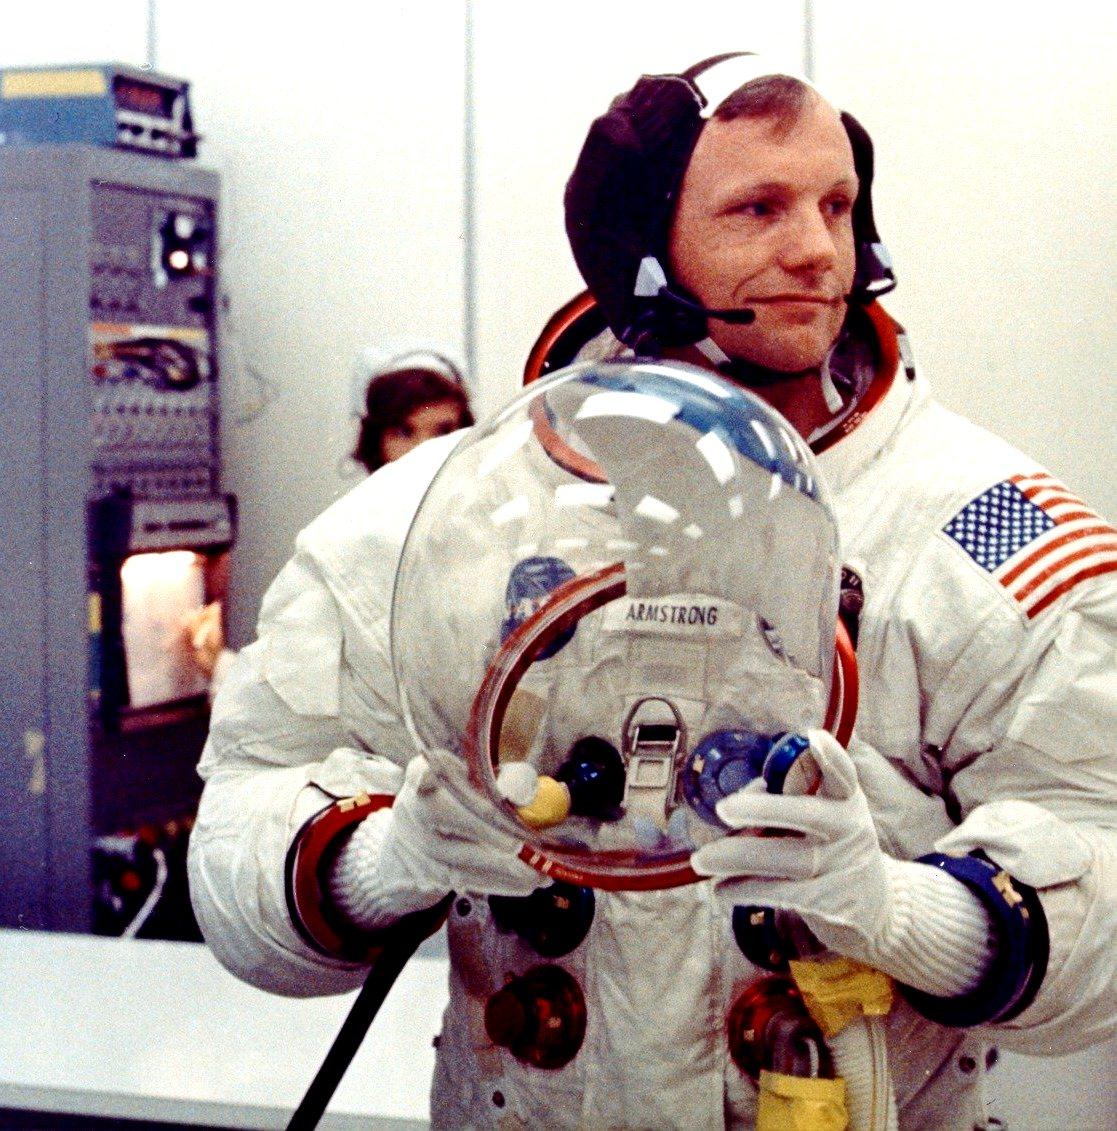 apollo 13 astronaut helmet - photo #40